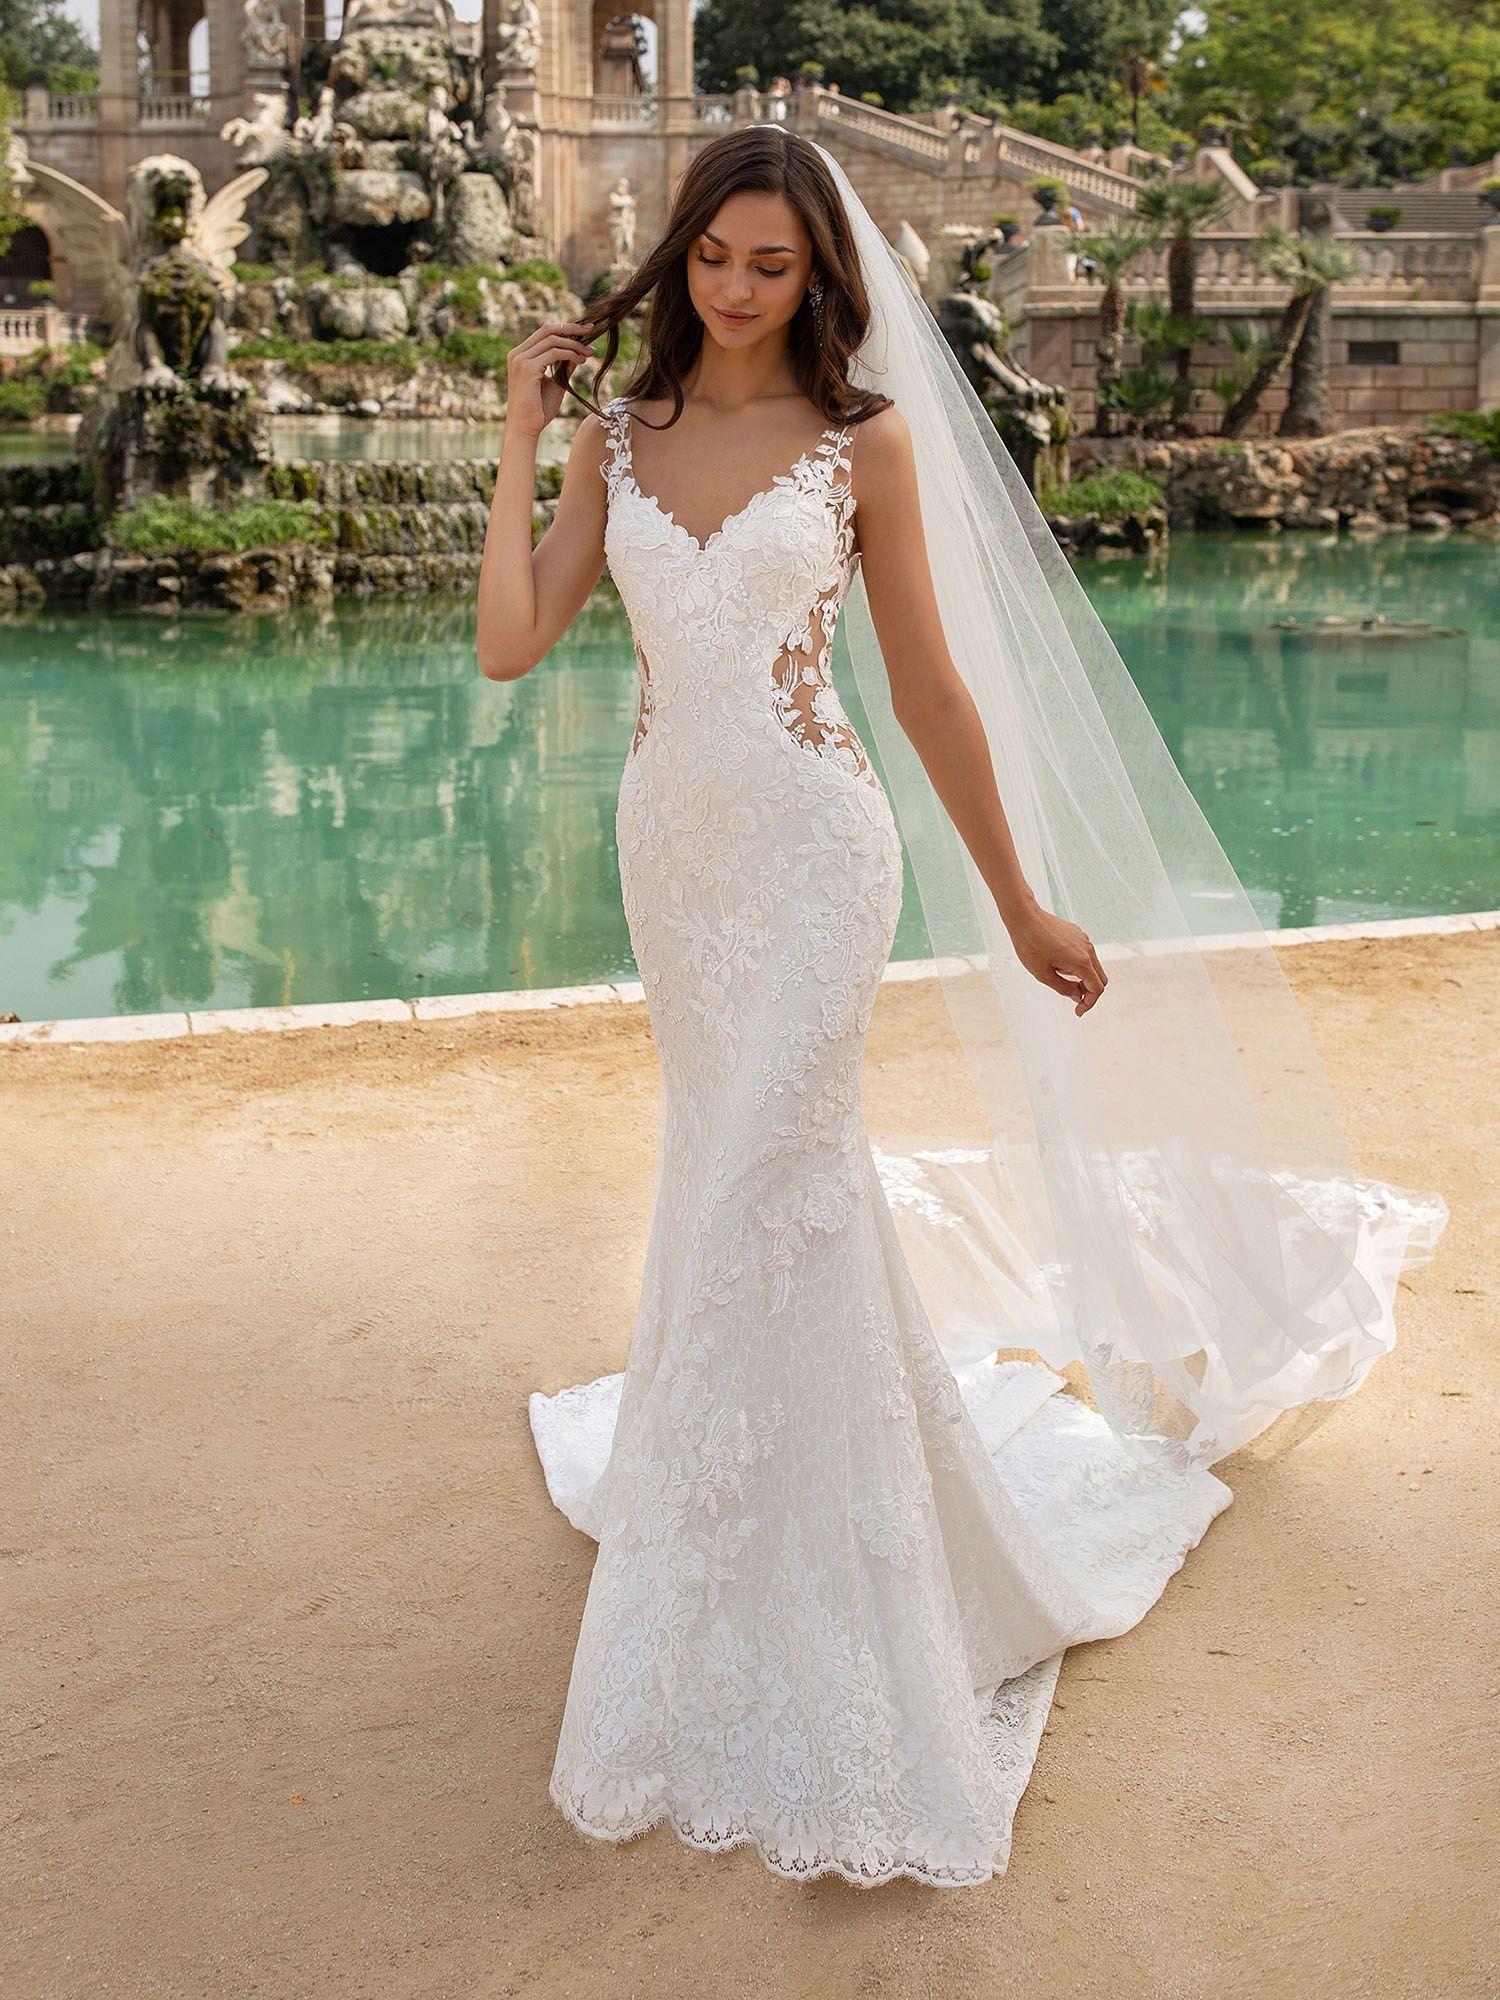 Dieses Brautkleid im Meerjungfrau-Stil umschmeichelt die Figur mit